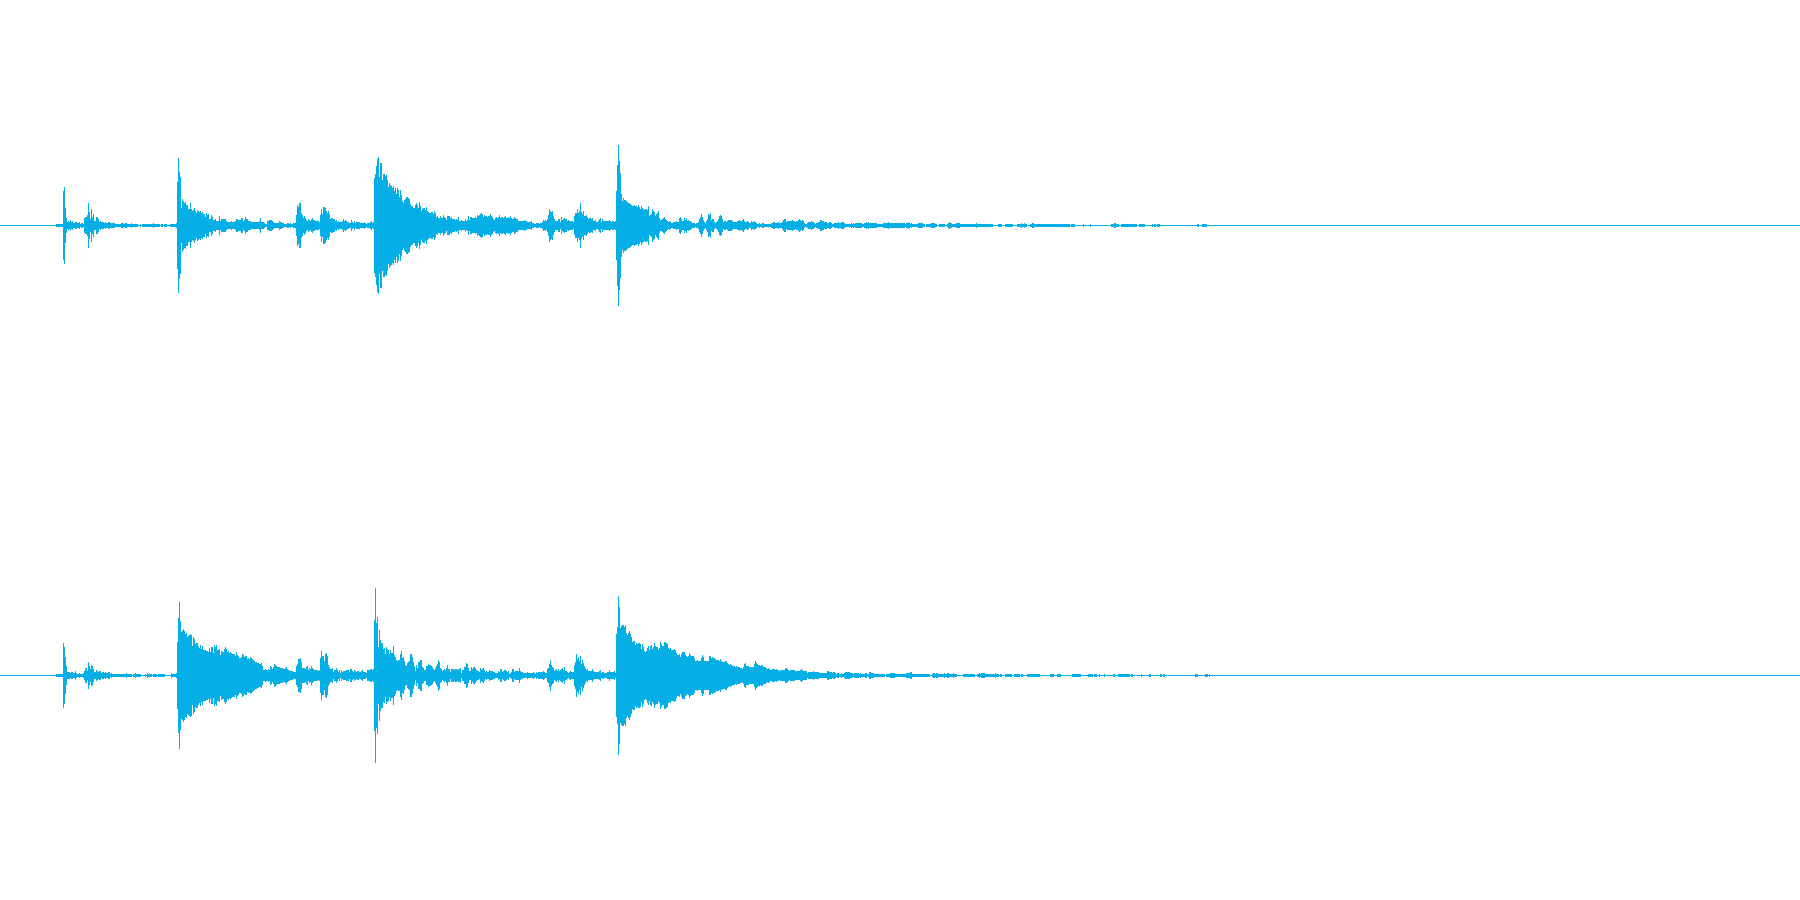 【SE 効果音】効果音その17の再生済みの波形